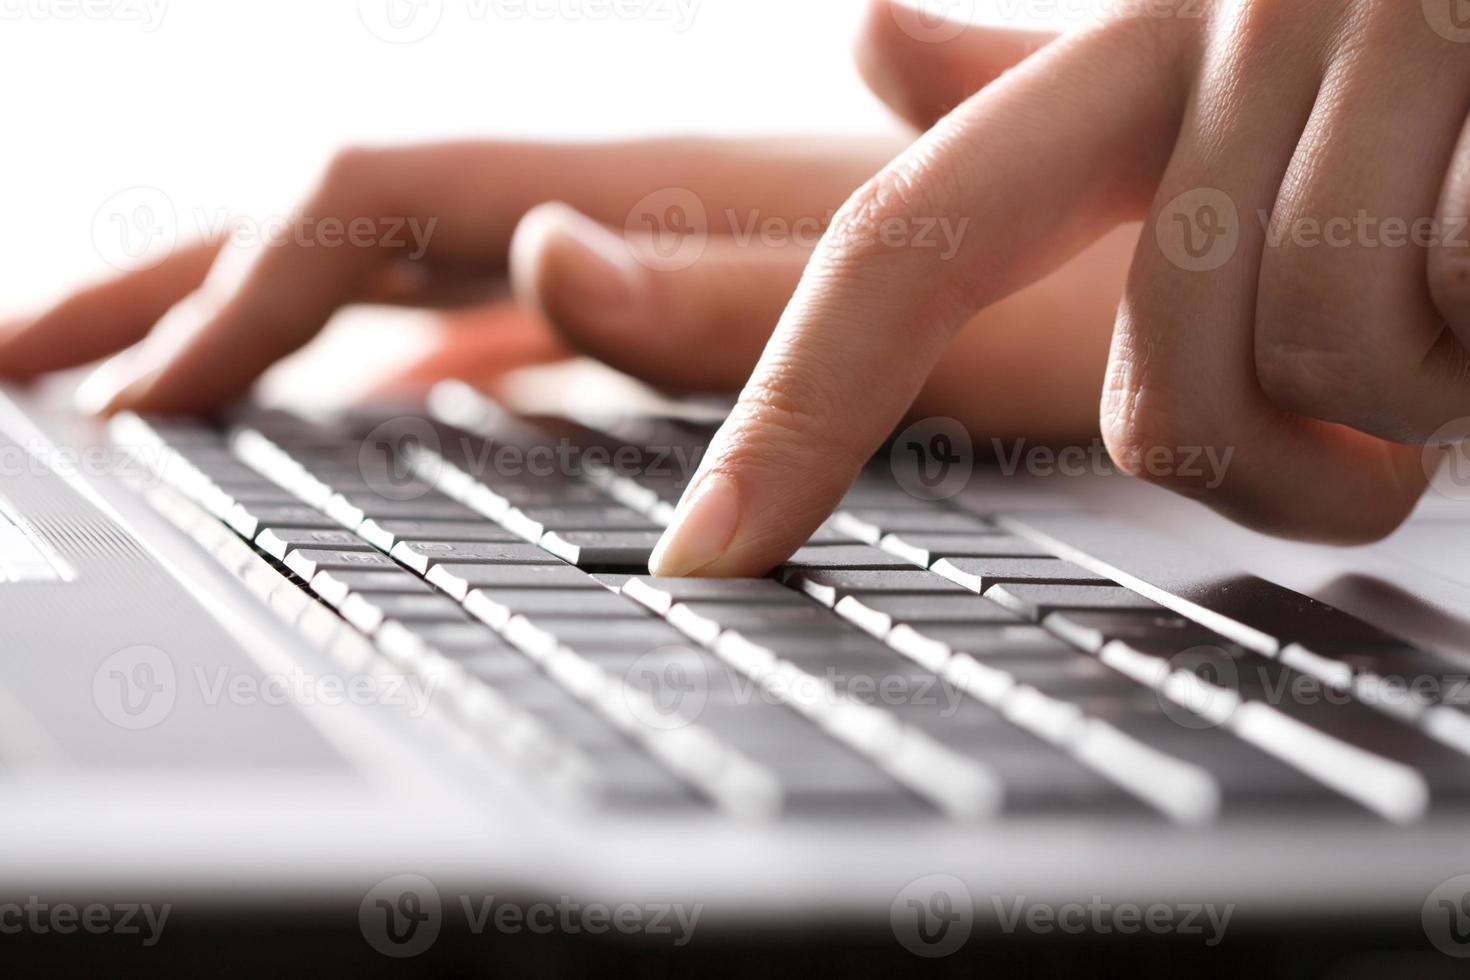 bezig met de laptop foto